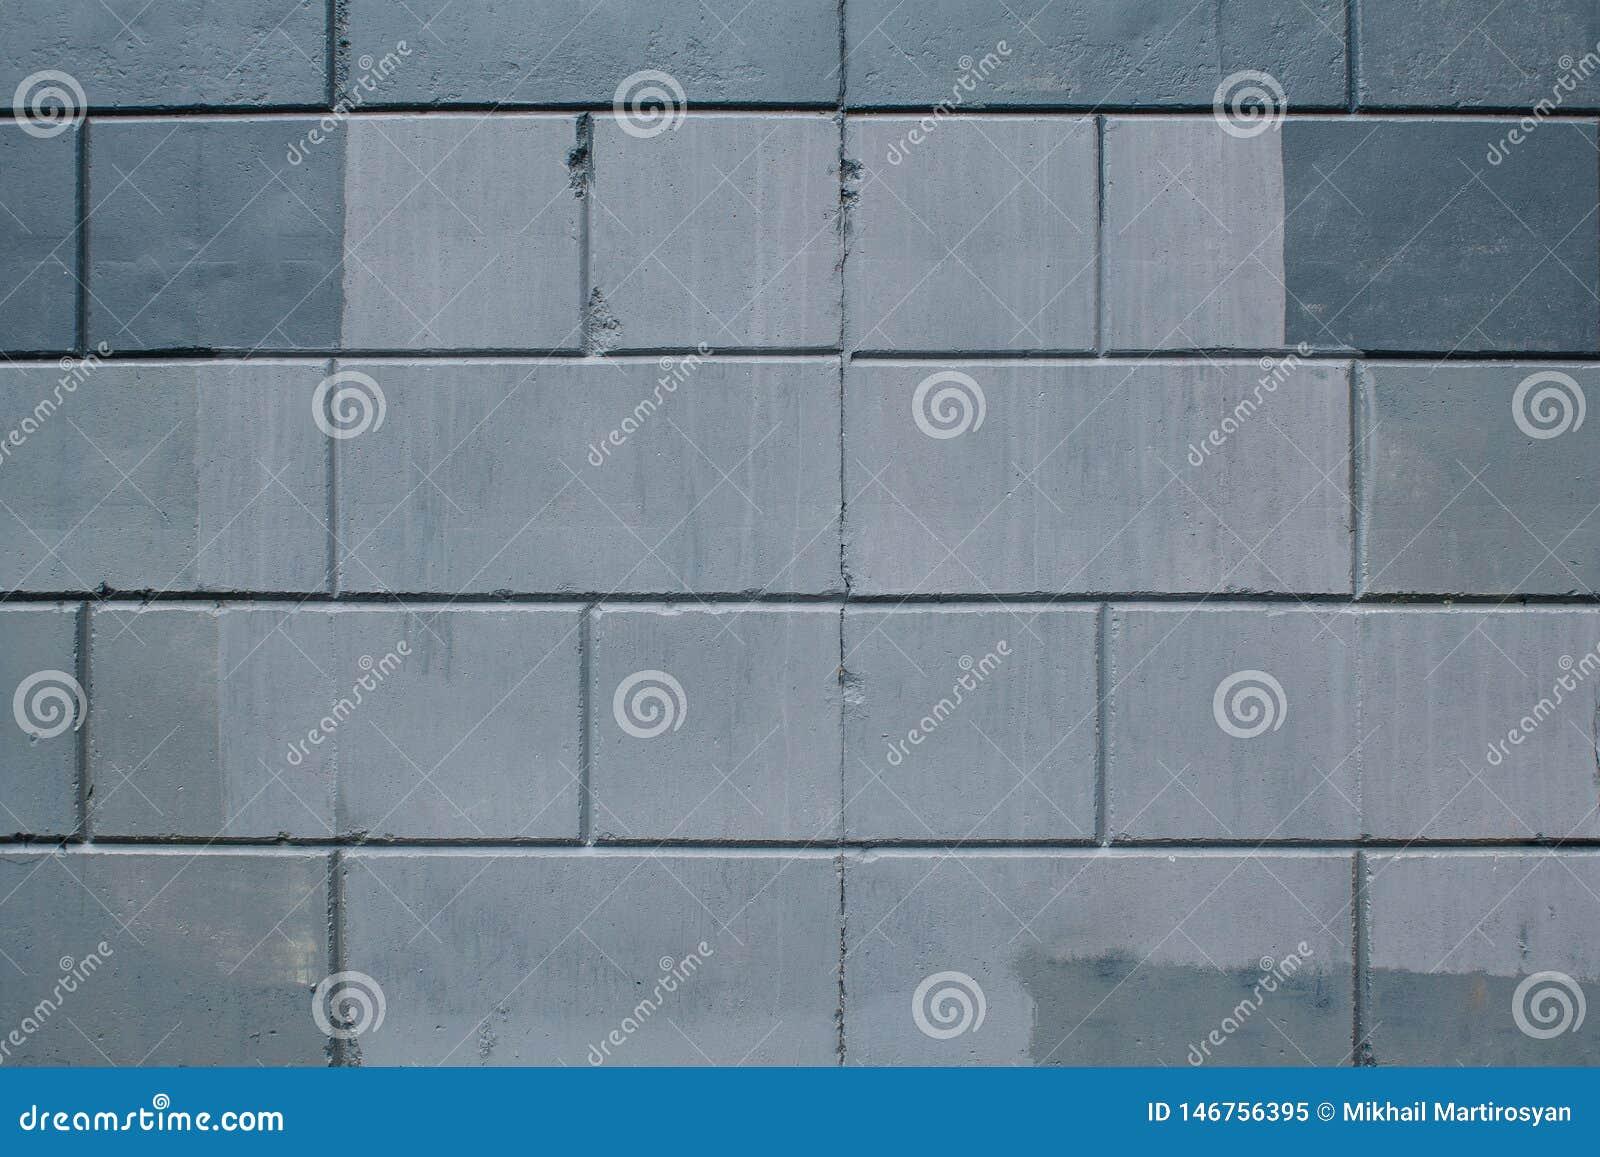 Tekstura szarzy betonowi bloki z plu?ni?ciami czerwie? w szwach